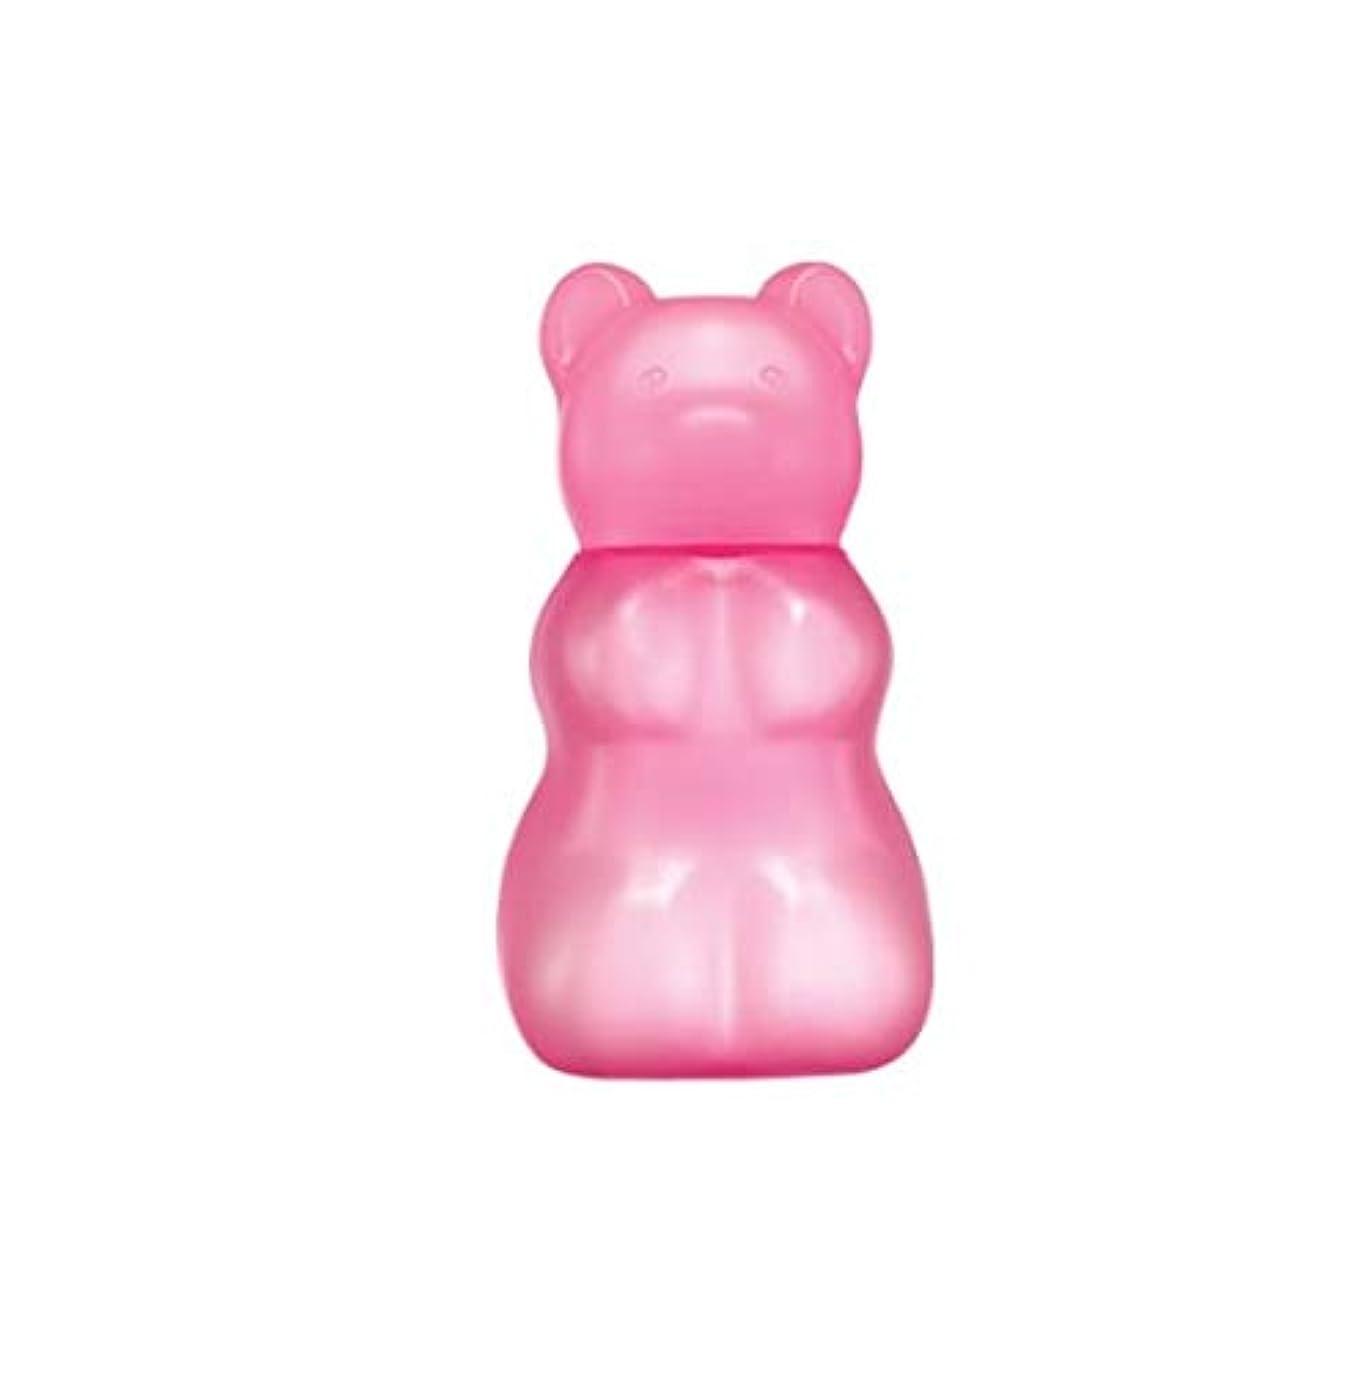 モチーフ博覧会争うSkinfood グミベアゼリークリーンジェル(アップル)#ラズベリー(ハンドジェル) / Gummy Bear Jelly Clean Gel (Apple) #Raspberry (Handgel) 45ml [並行輸入品]